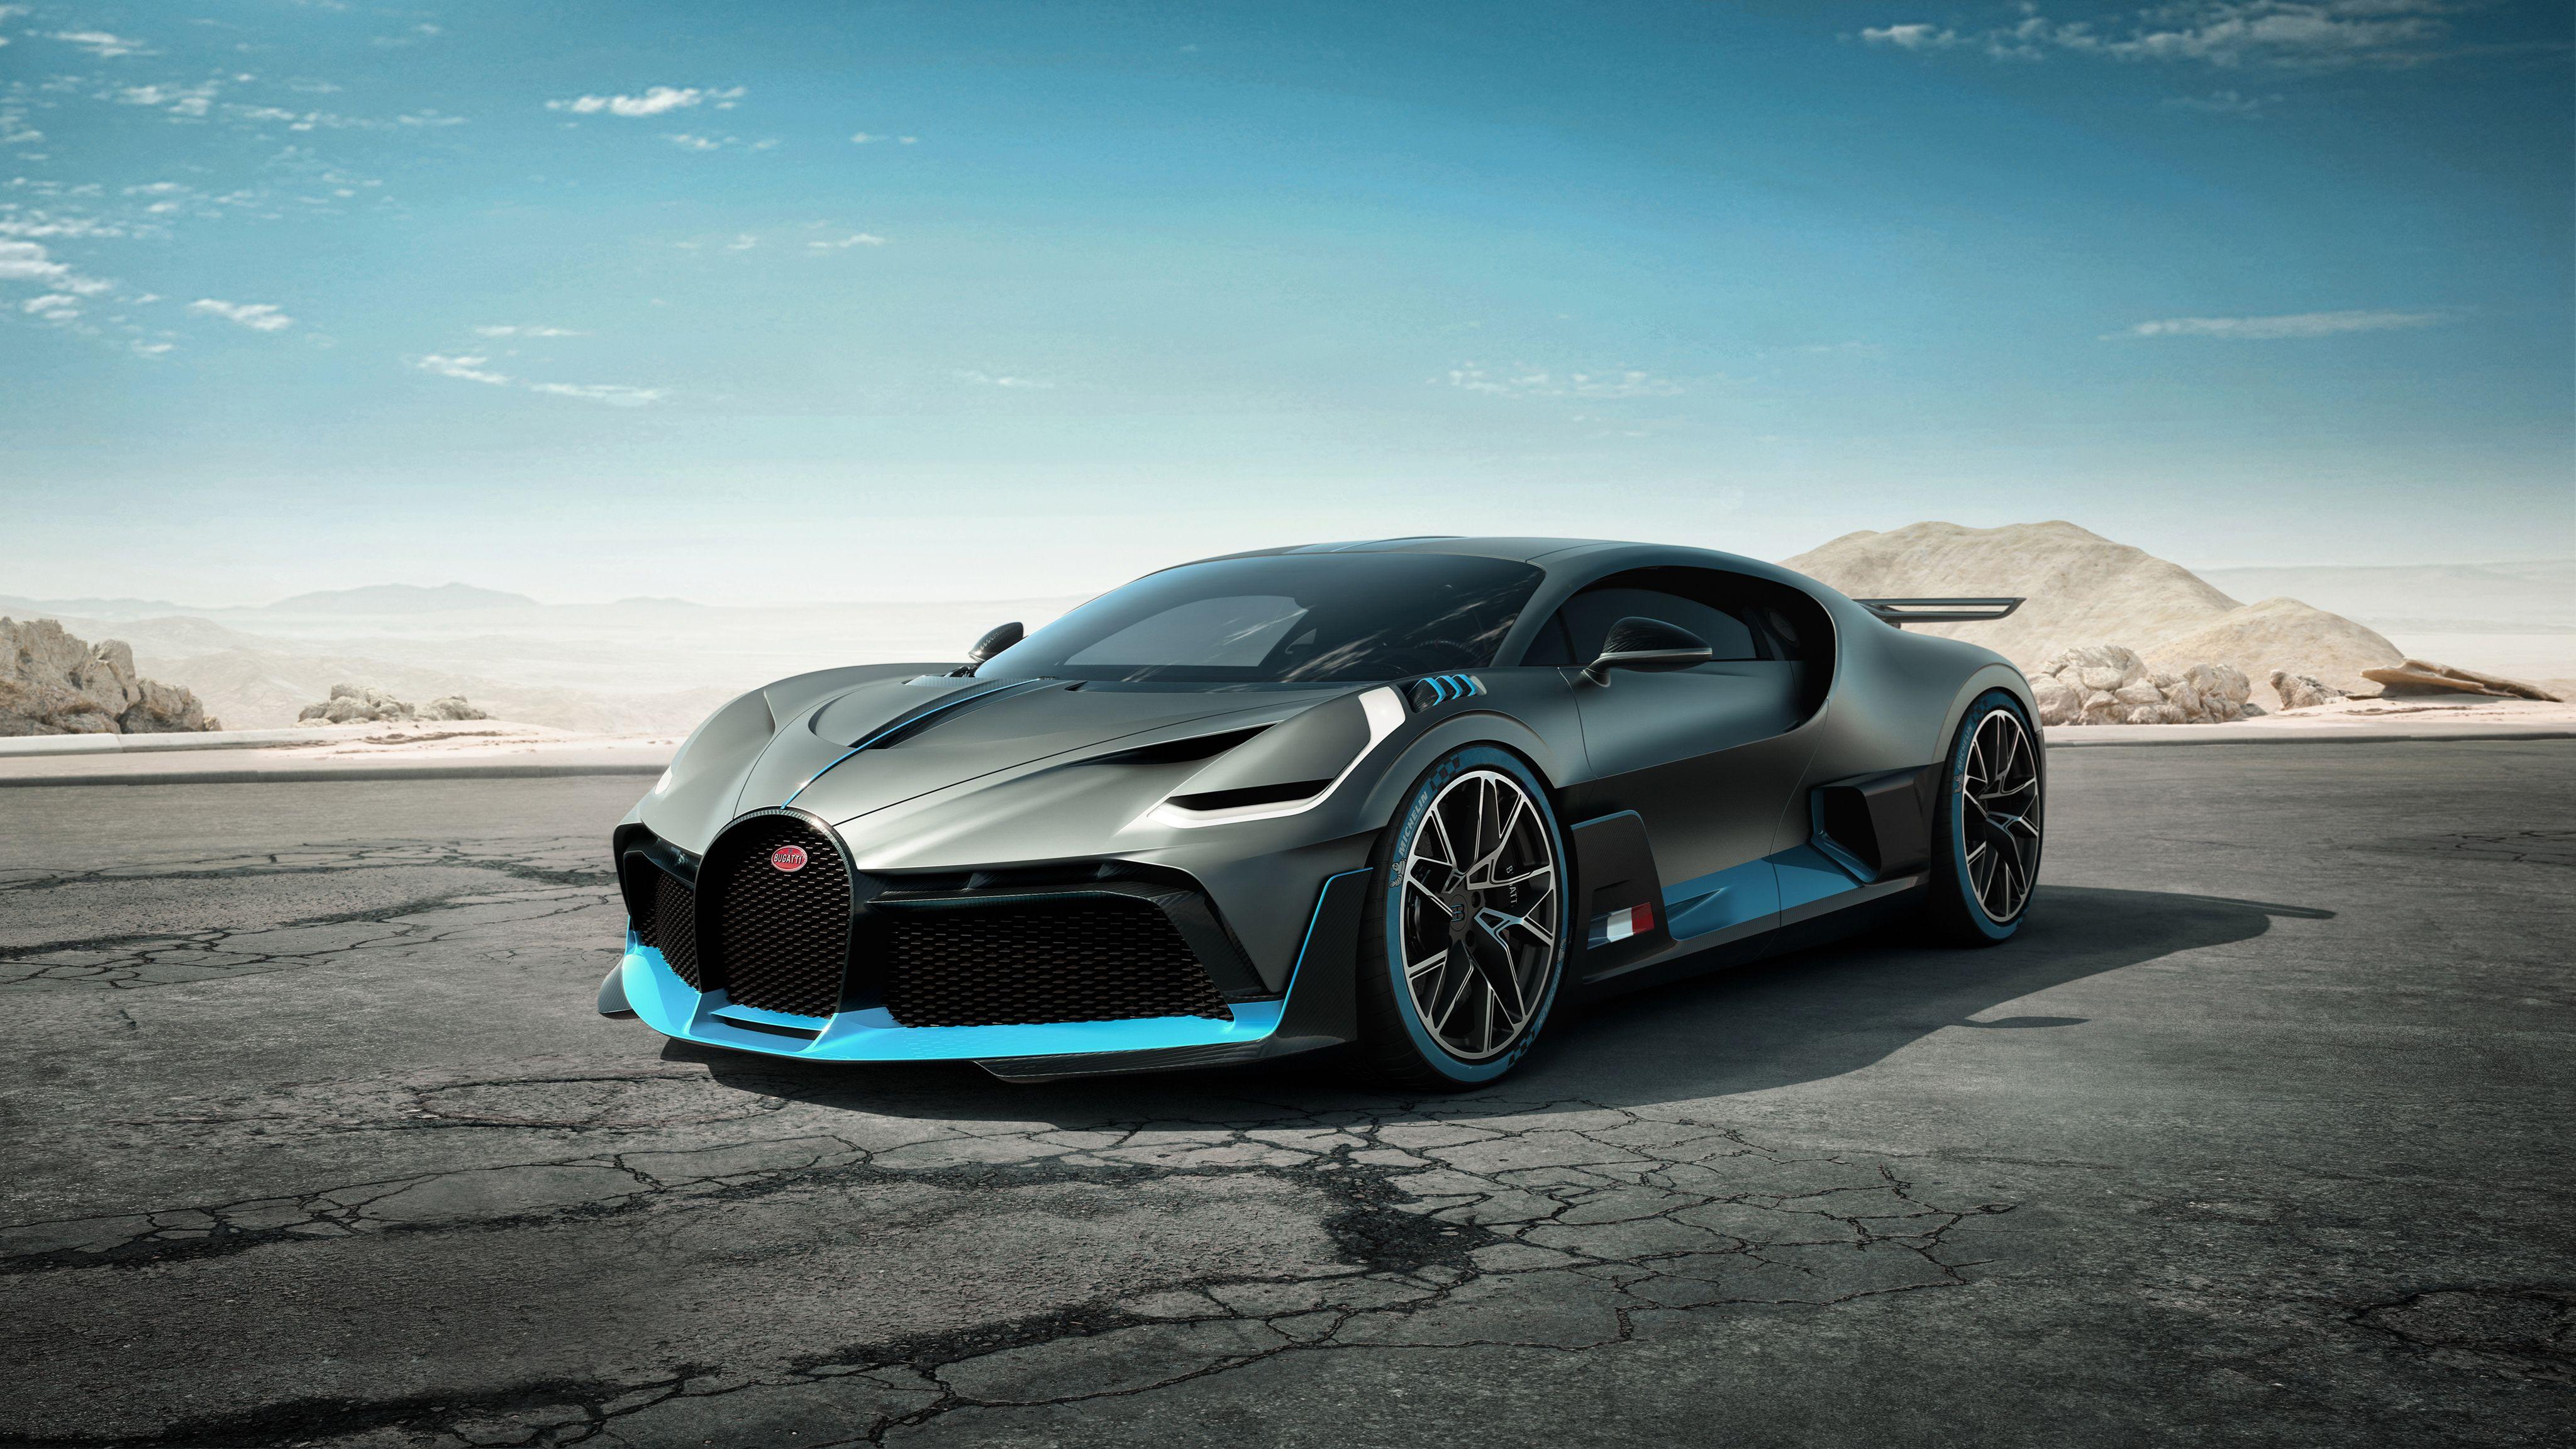 Bugatti Divo 4k In 2020 Sports Car Bugatti Cars Super Cars